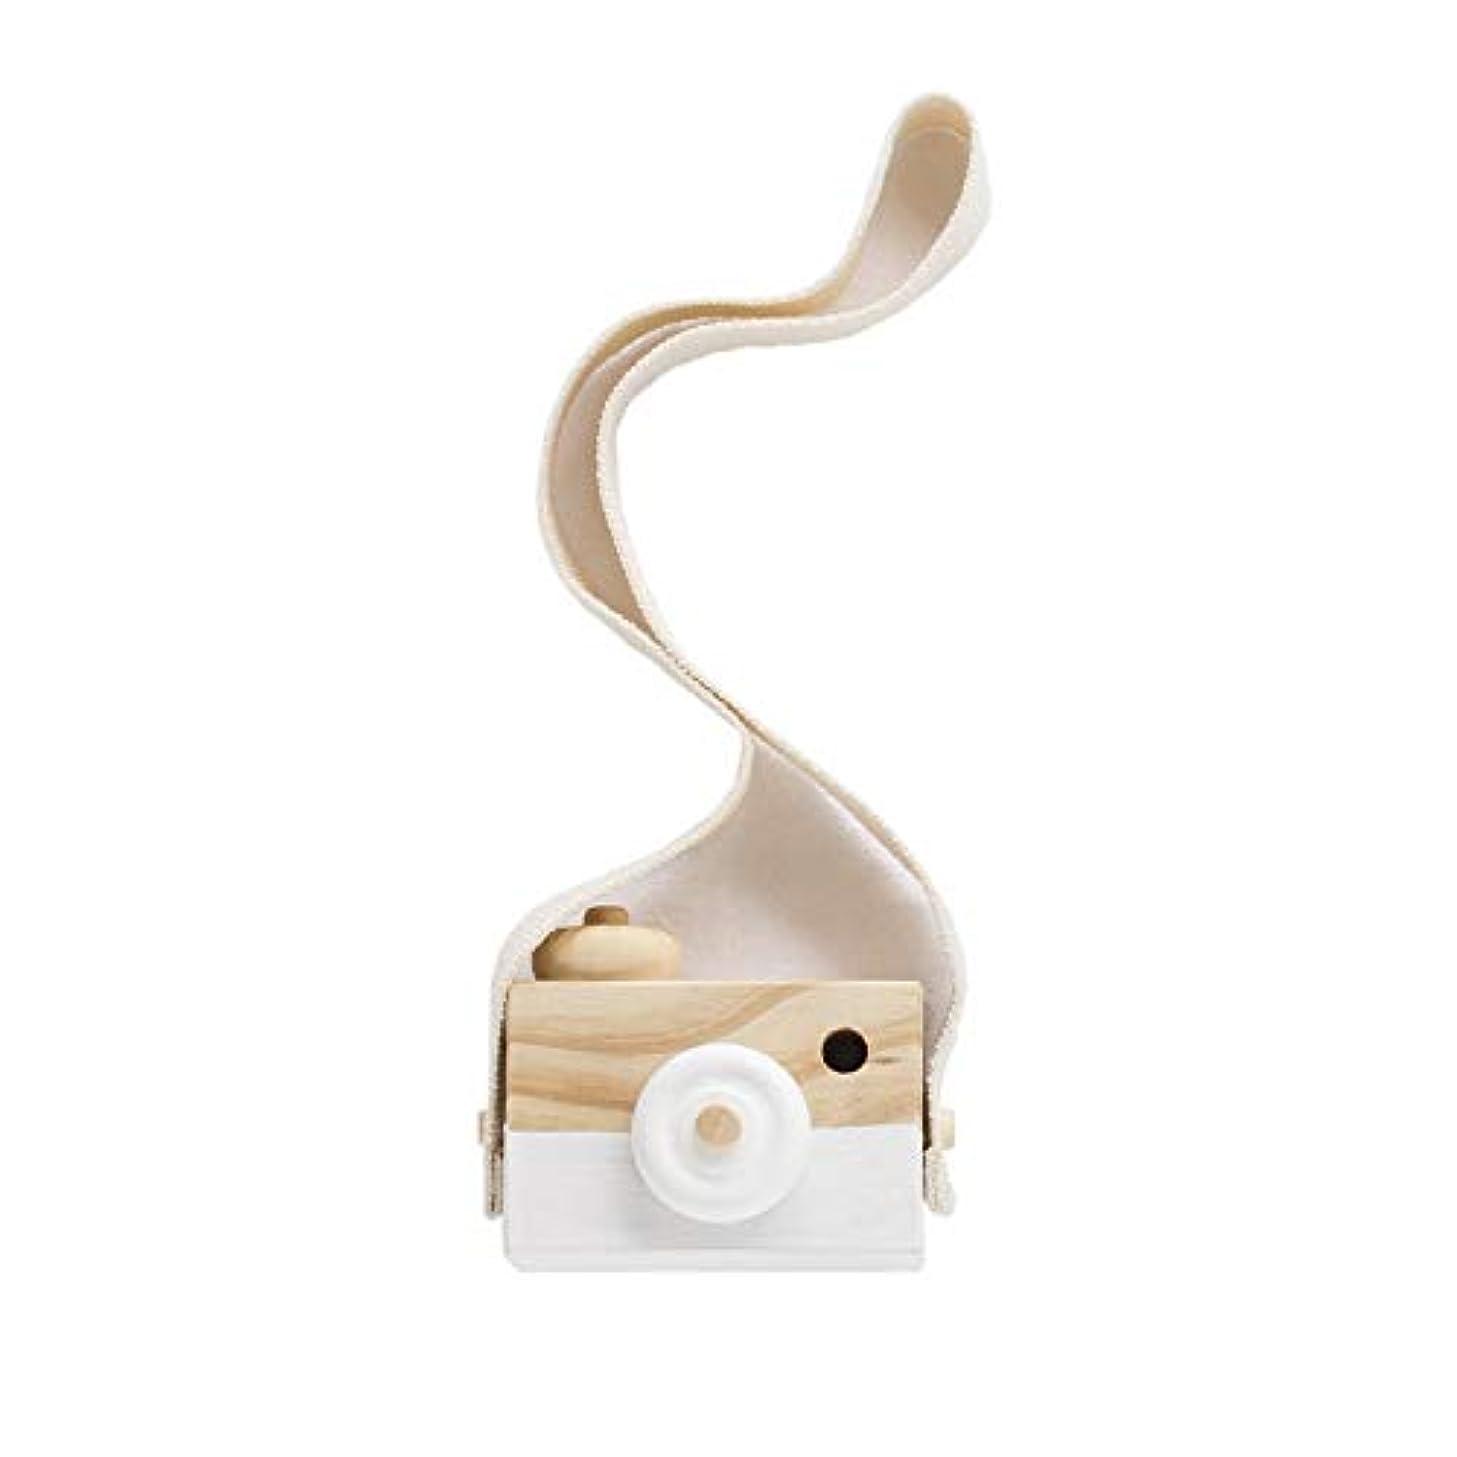 またはどちらかタイル気難しいミニかわいい木製カメラのおもちゃ安全なナチュラル玩具ベビーキッズファッション服アクセサリー玩具誕生日クリスマスホリデーギフト (グレー)